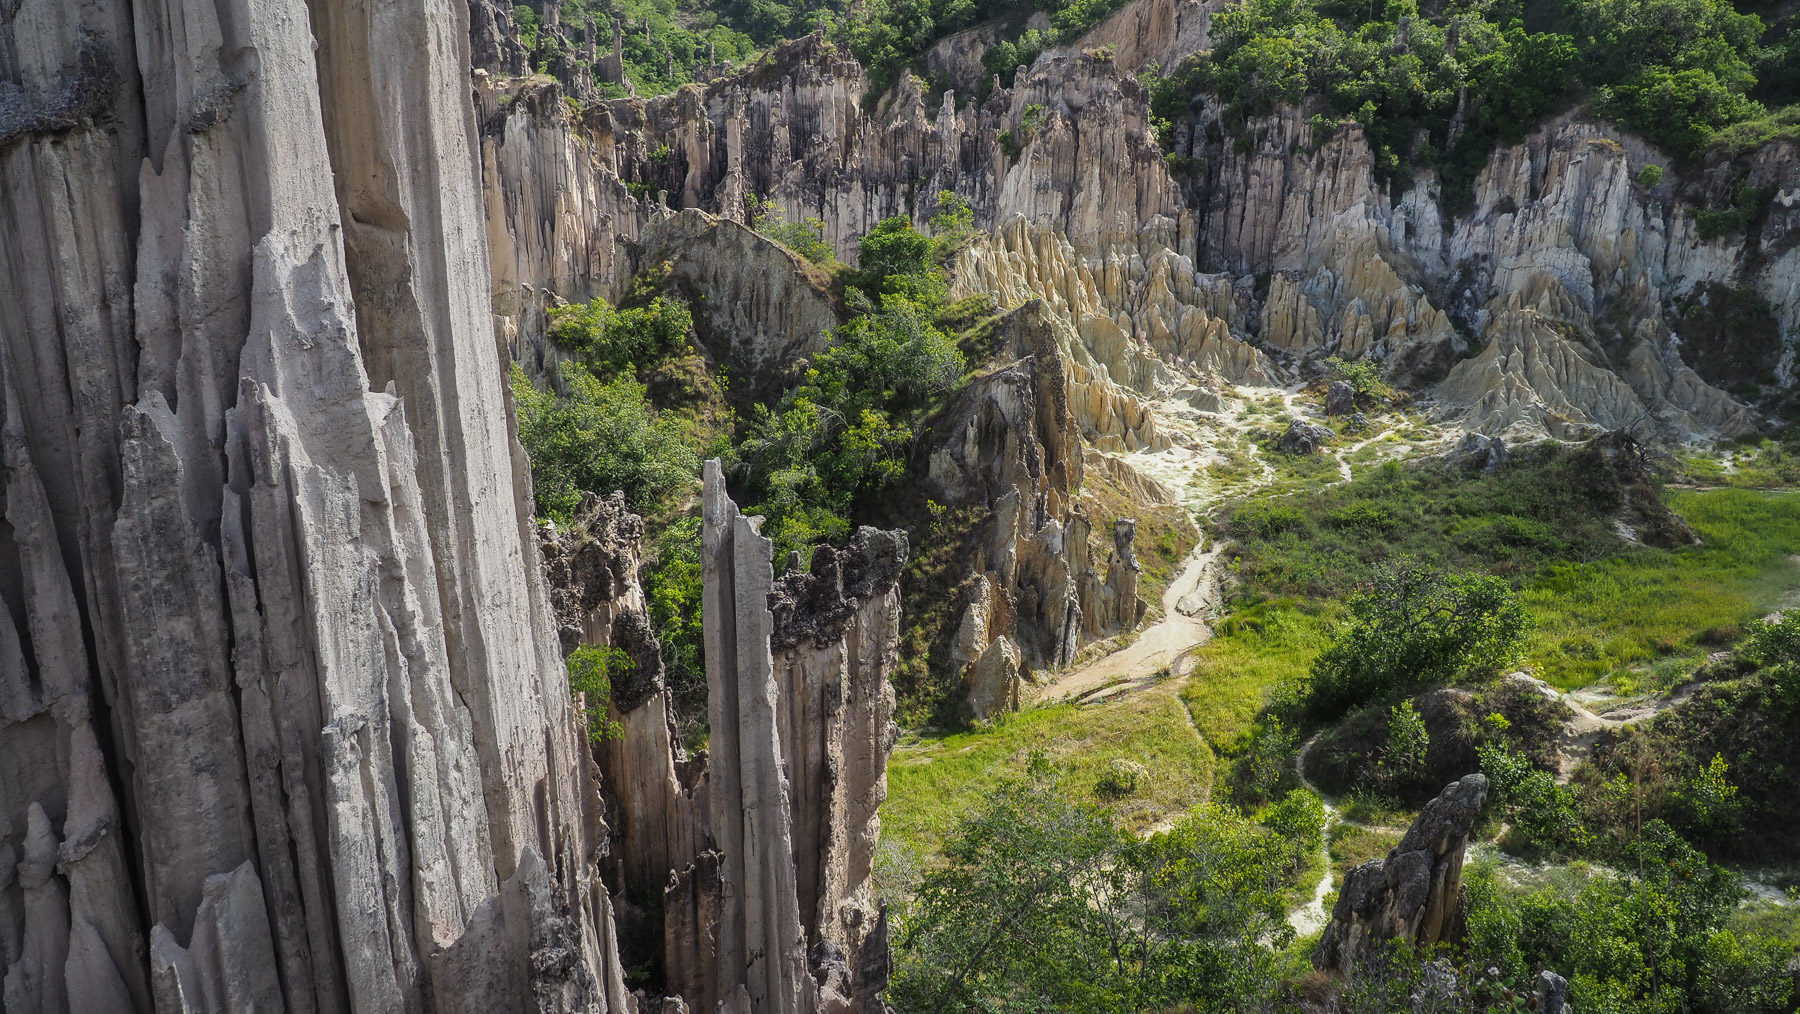 Erster Stop  in der Cordillera Occidental, ein kleines nettes Felsengebiet mit Sandsteintürmen